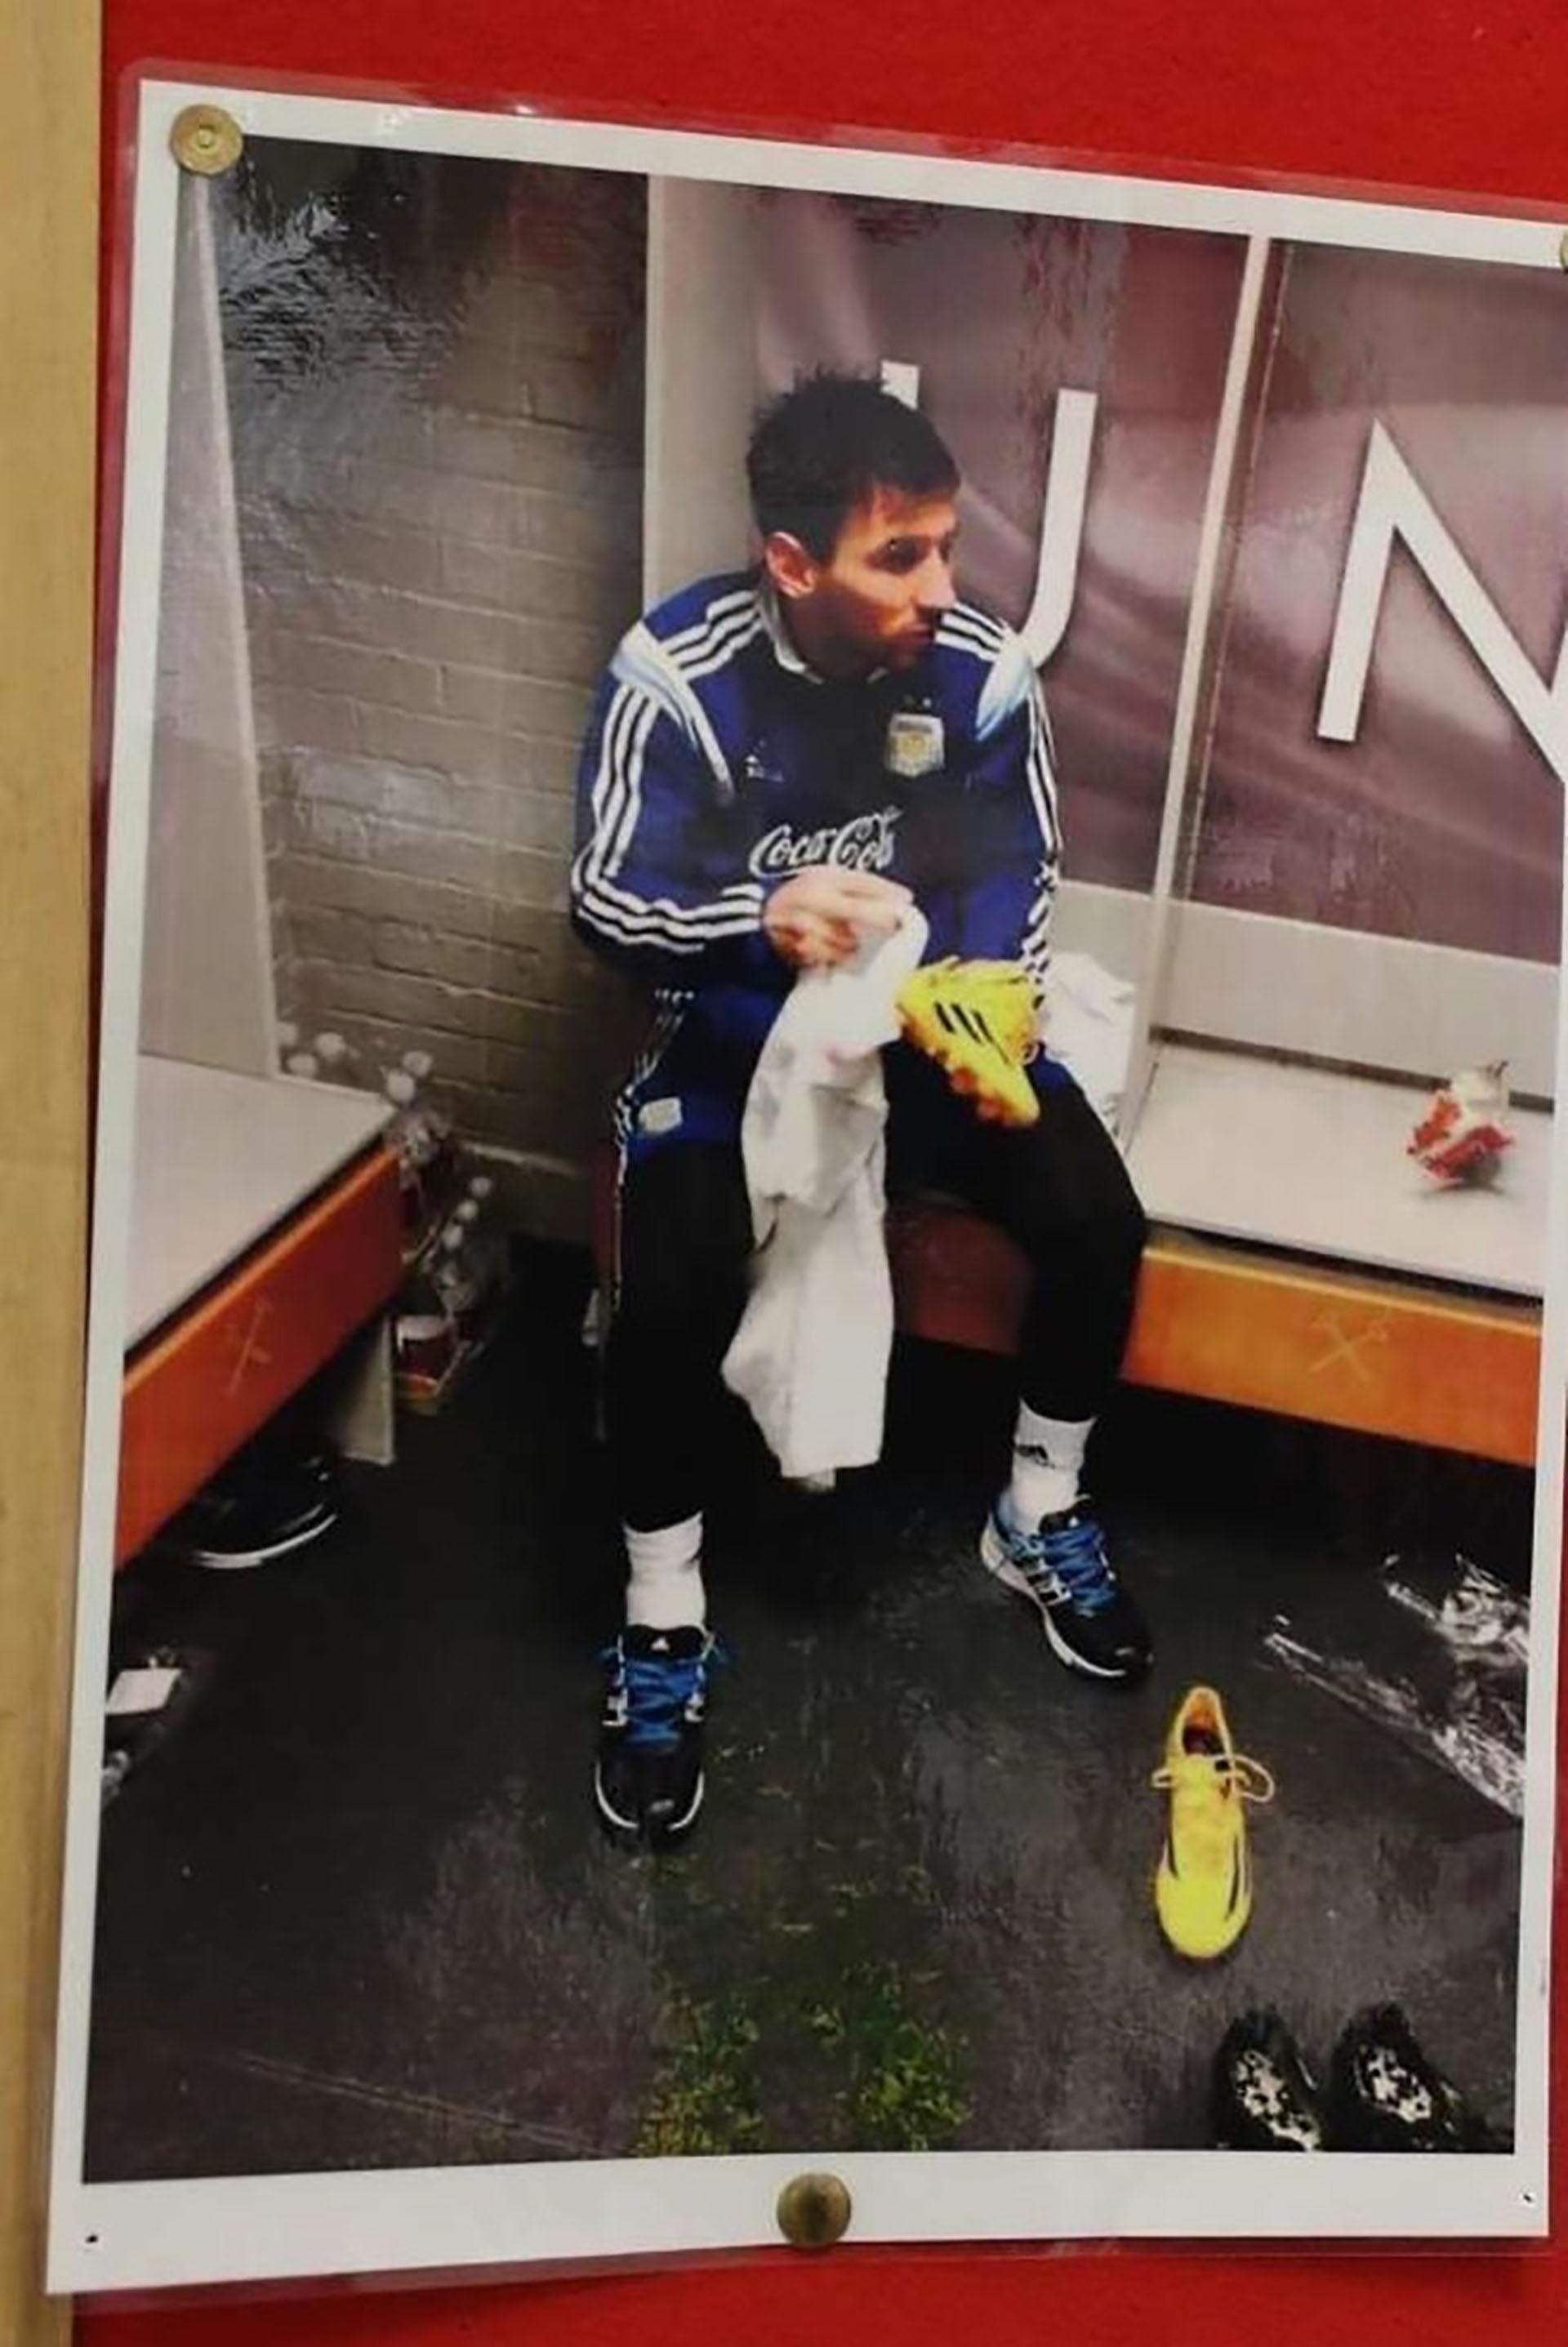 La foto de Lionel Messi que aparece pegada en el vestuario del centro de entrenamiento del Manchester United